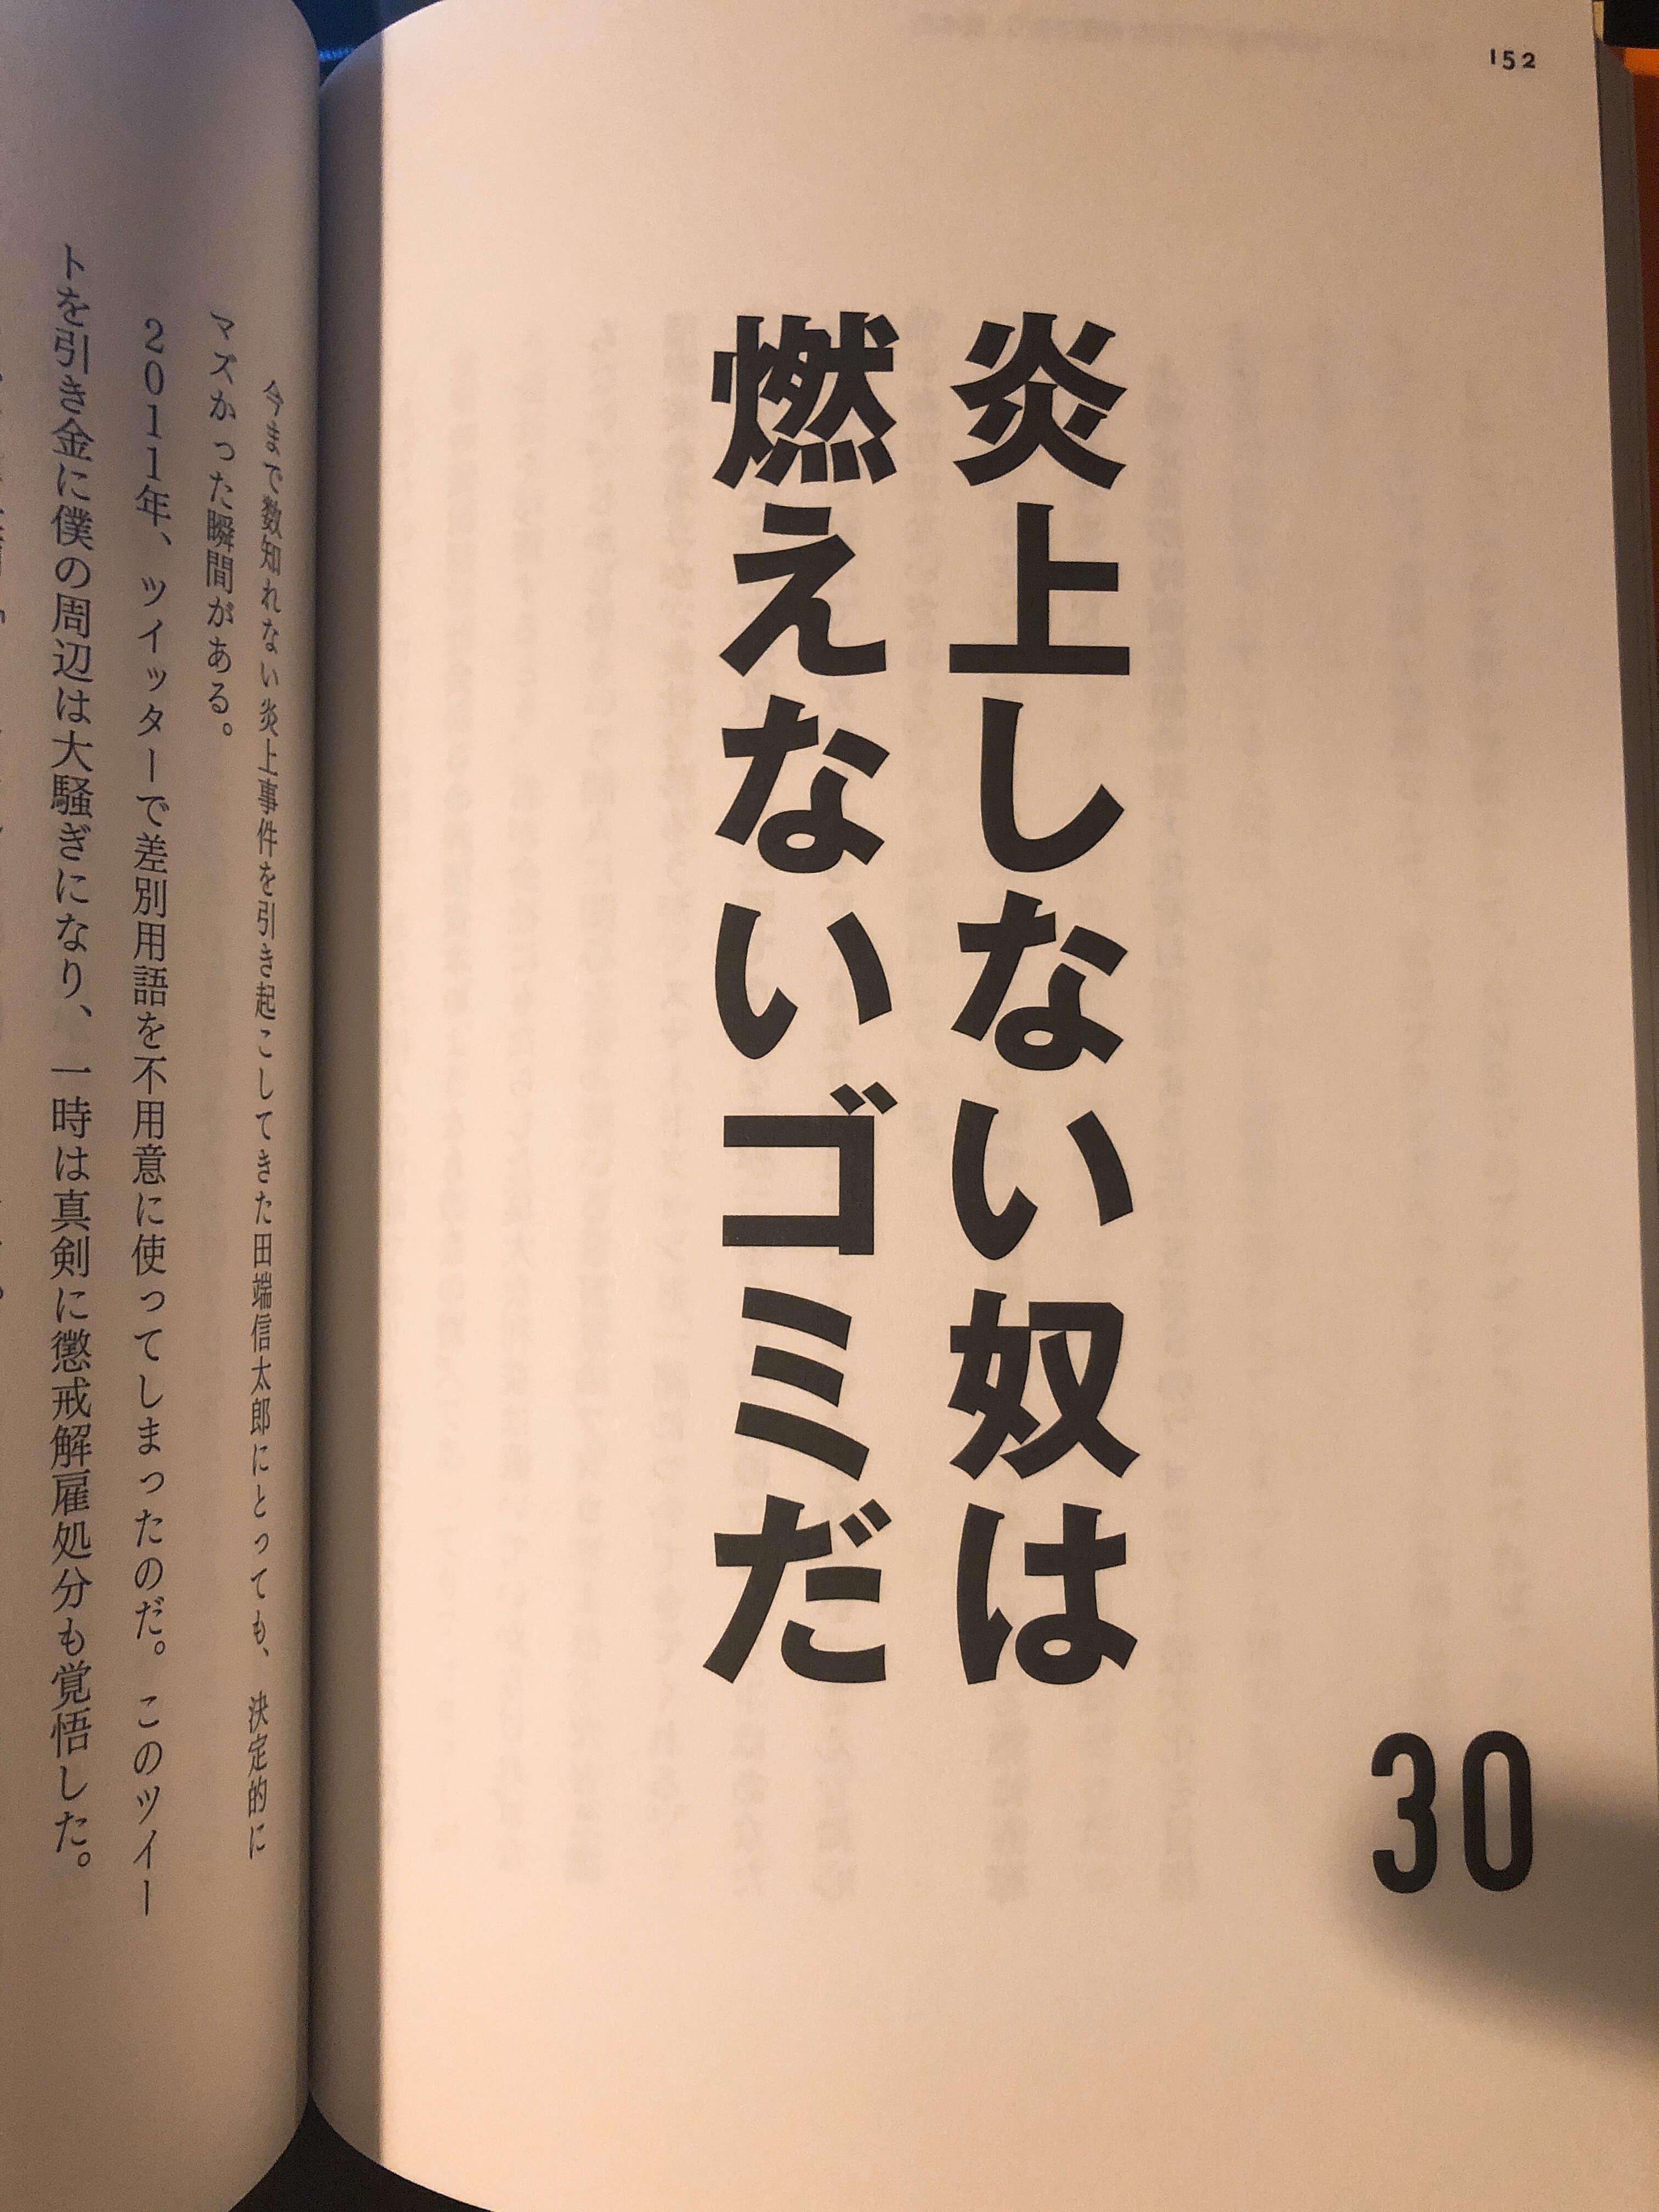 サラリーマンはブランド人になれ!8選 田端信太郎【要約・書評】